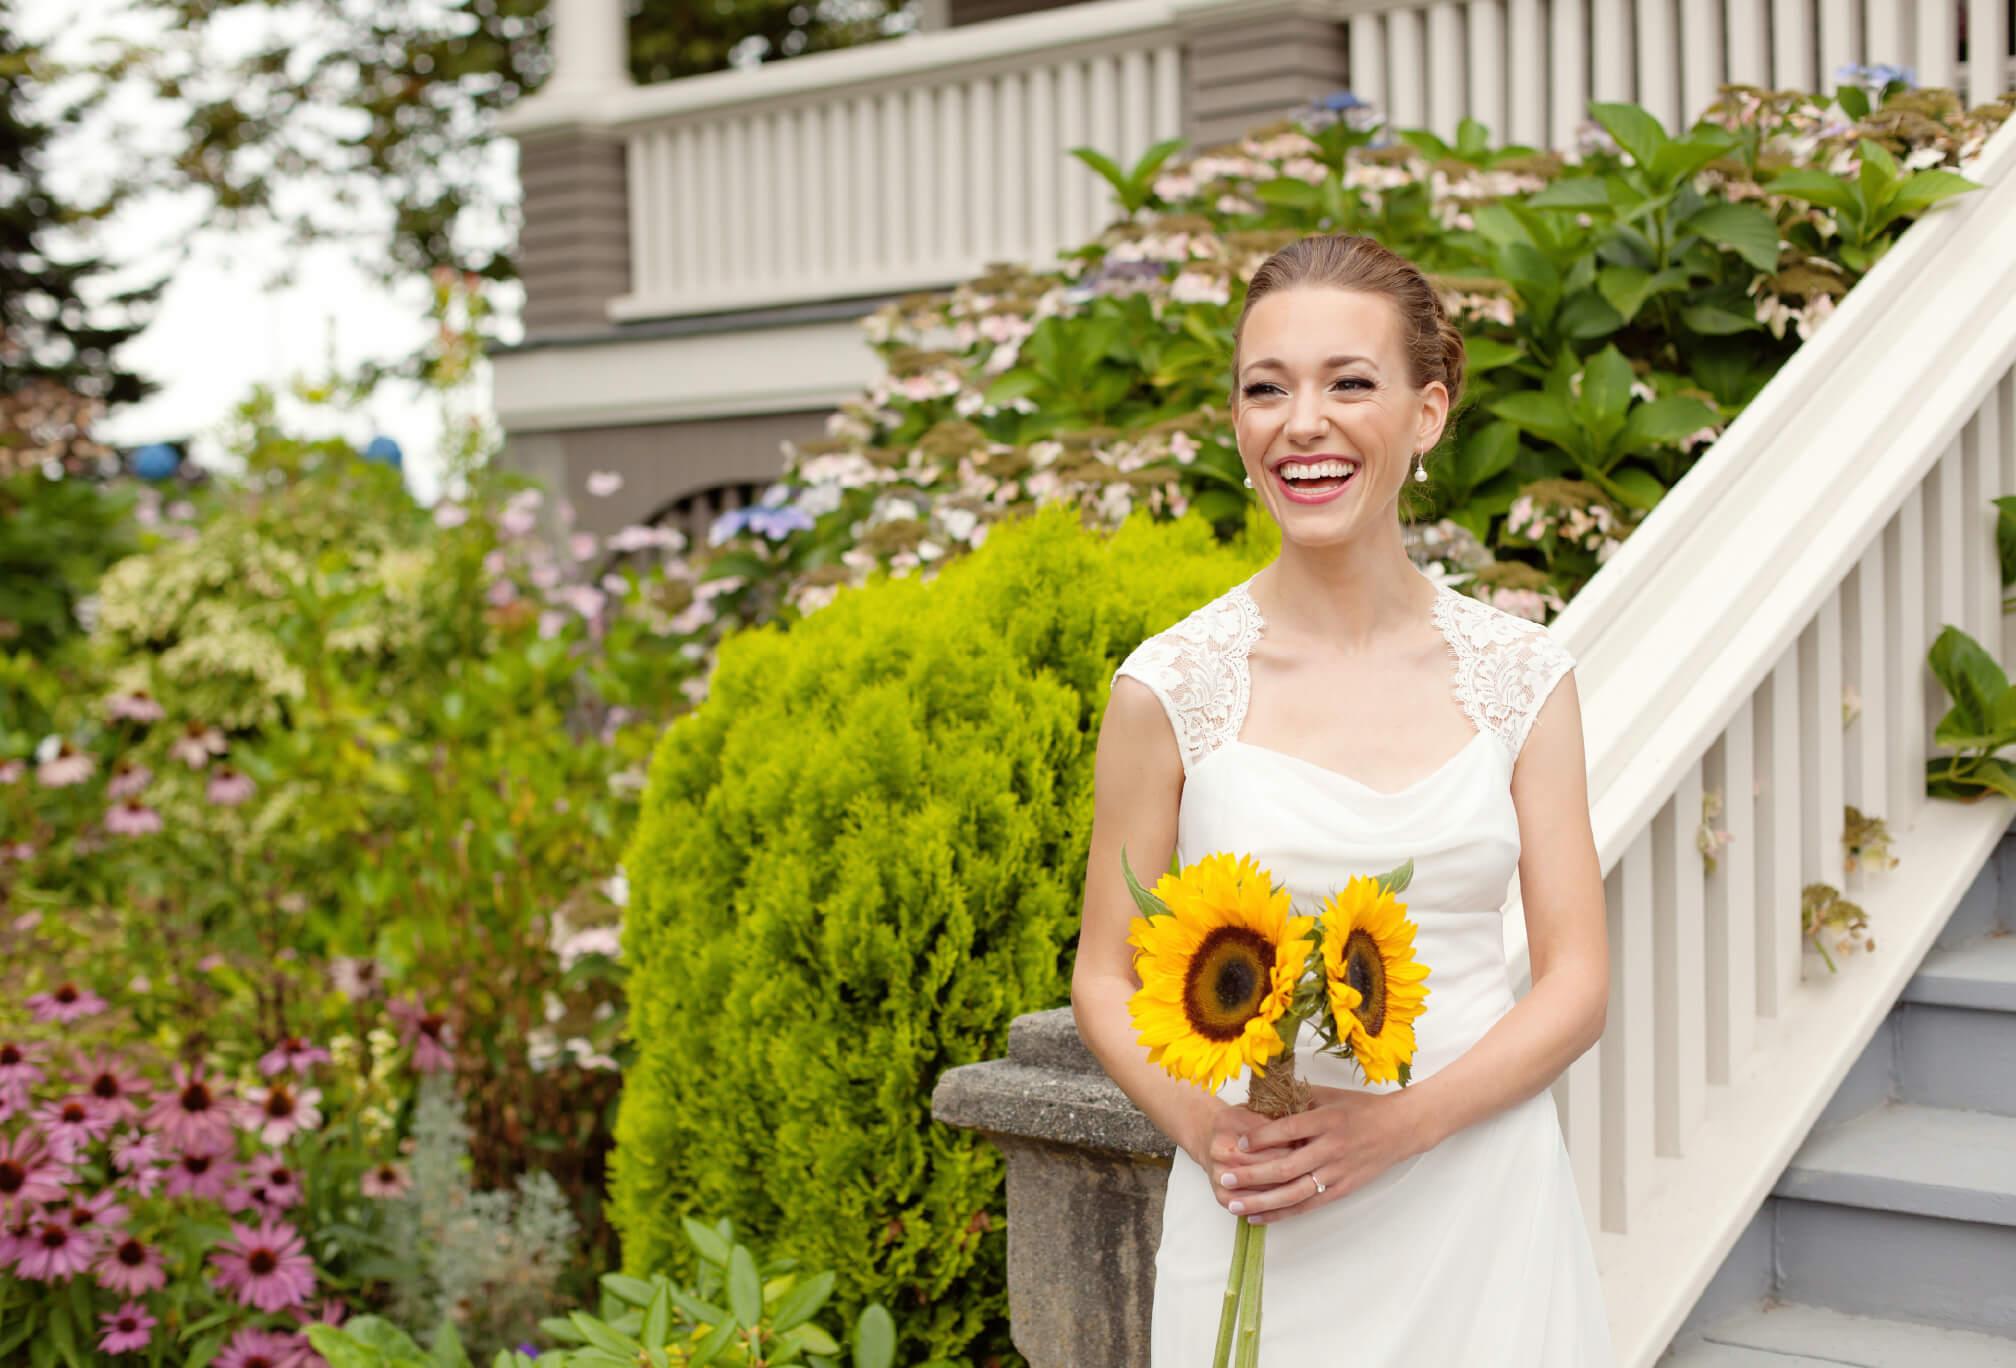 big smiling bride